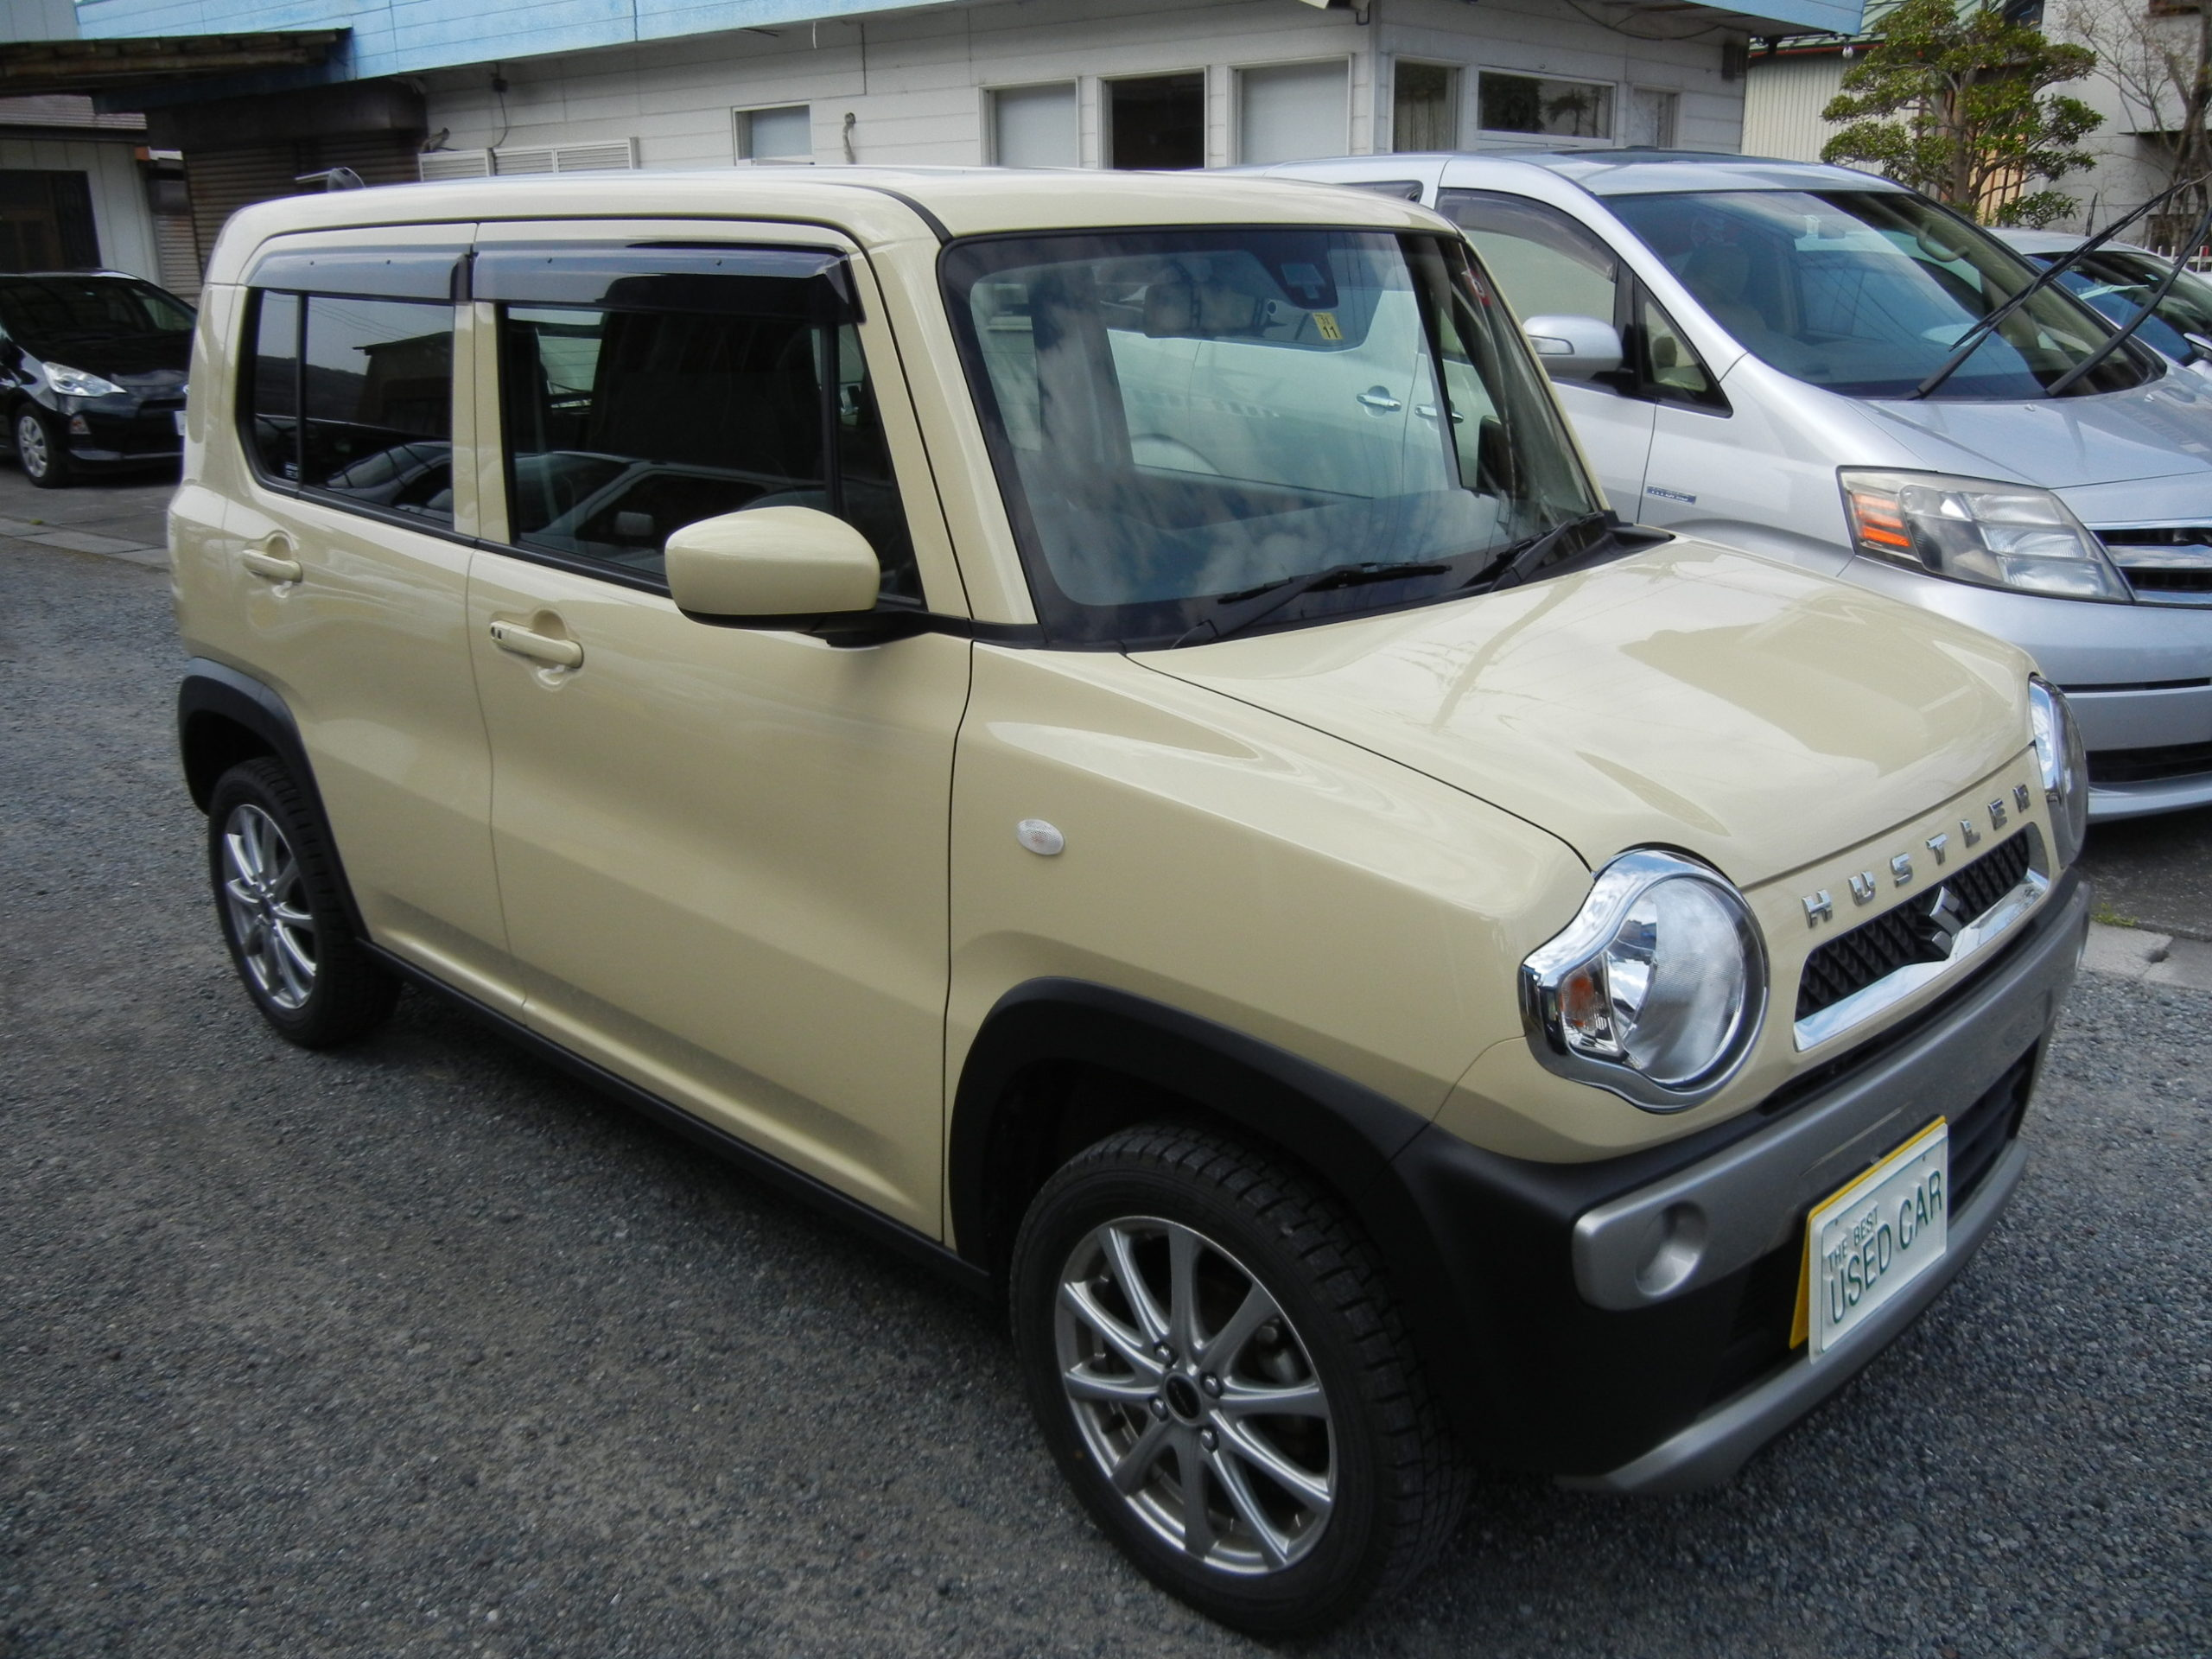 車買取なら埼玉県秩父市のカーマネージメントに